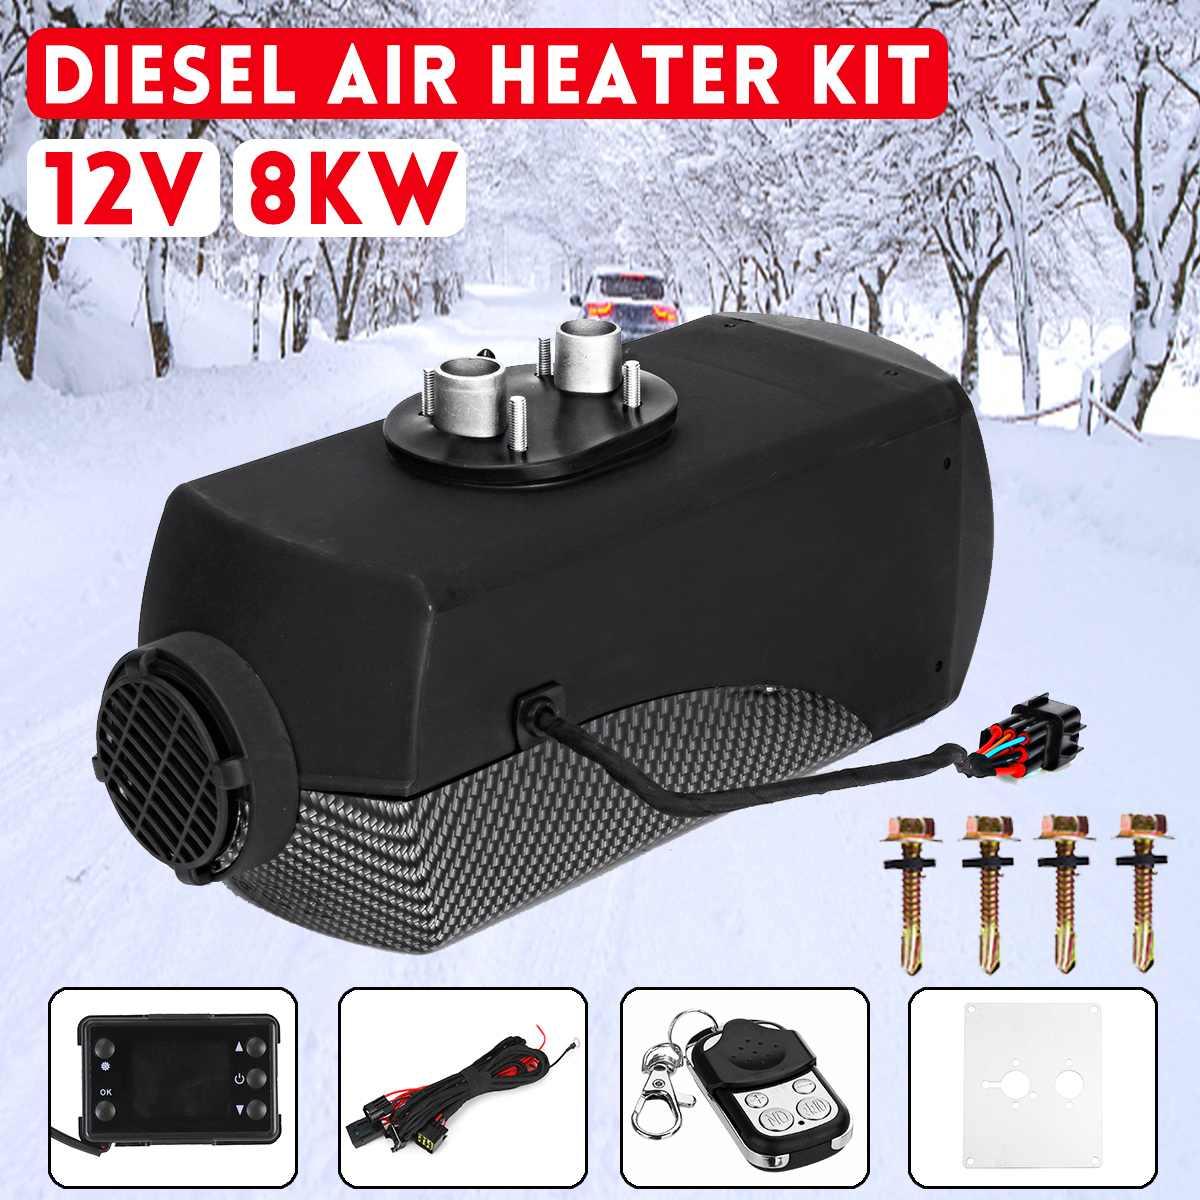 12 V 8000 W chauffage de voiture Diesel réchauffeur d'air 8KW noir LCD Thermostat télécommande pour voiture bateau RV camping-Car remorque camions plus récent